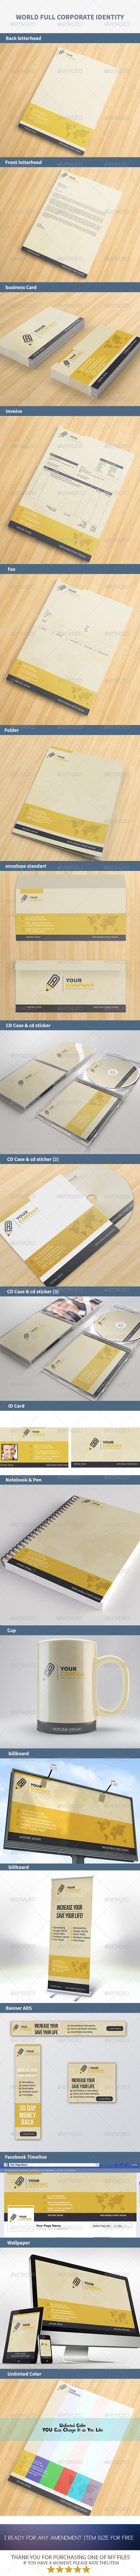 GraphicRiver World Full Corporate Identity 8079565